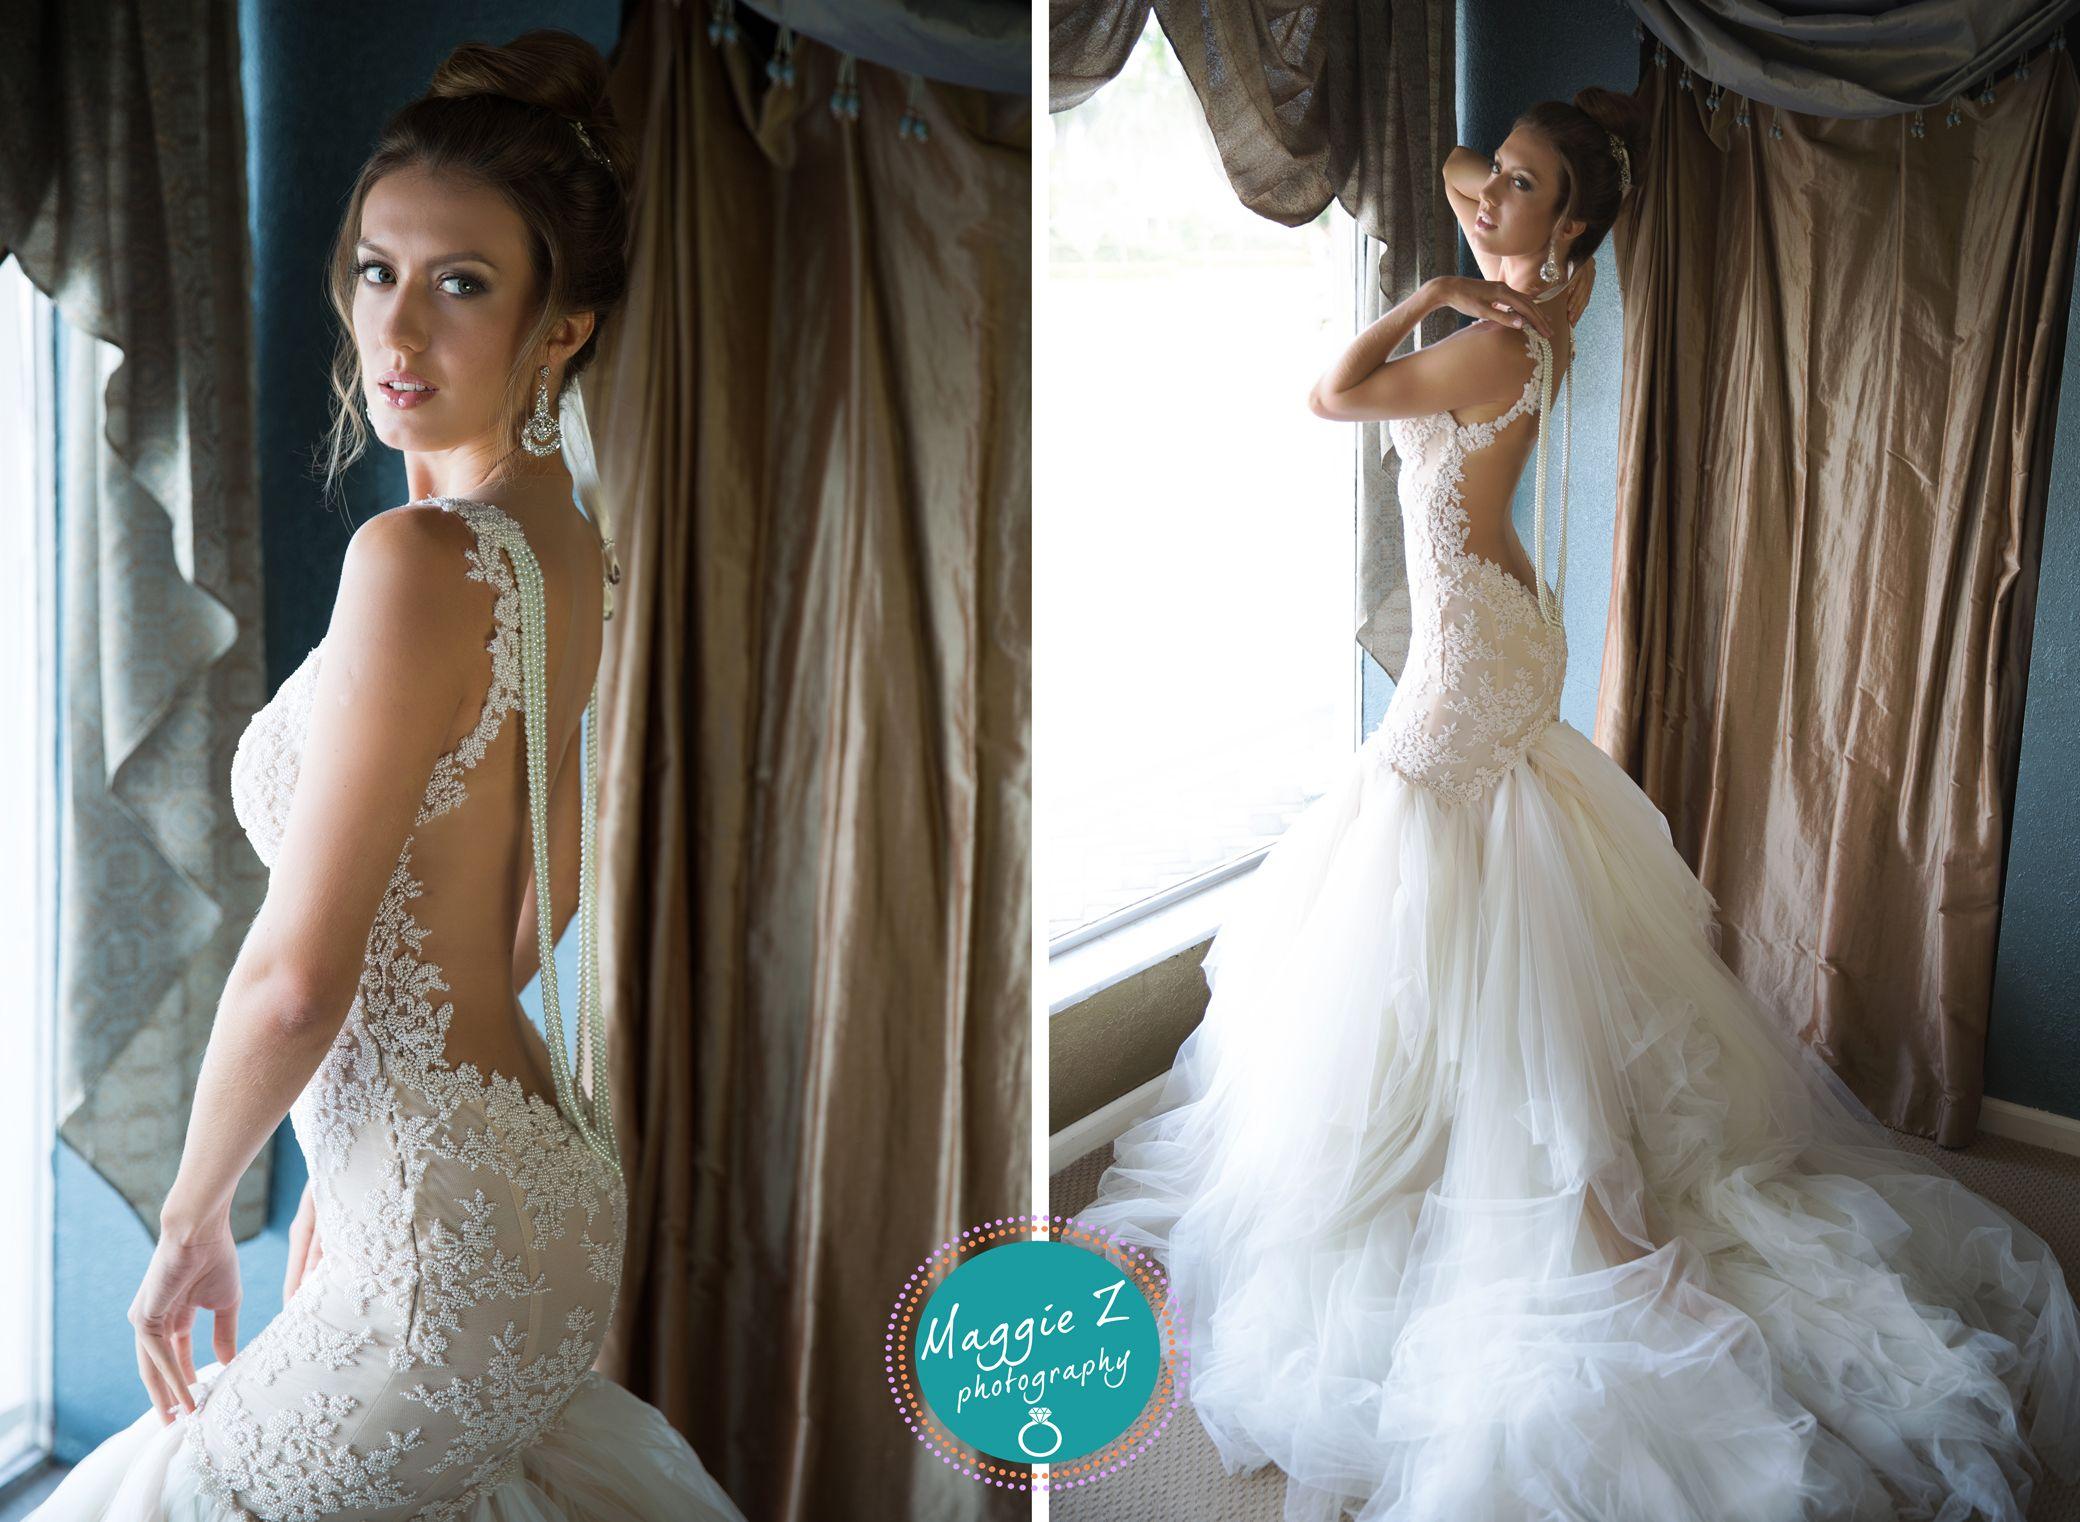 Galia Lahav bridal shoot at Boca Raton Bridal and Consultants